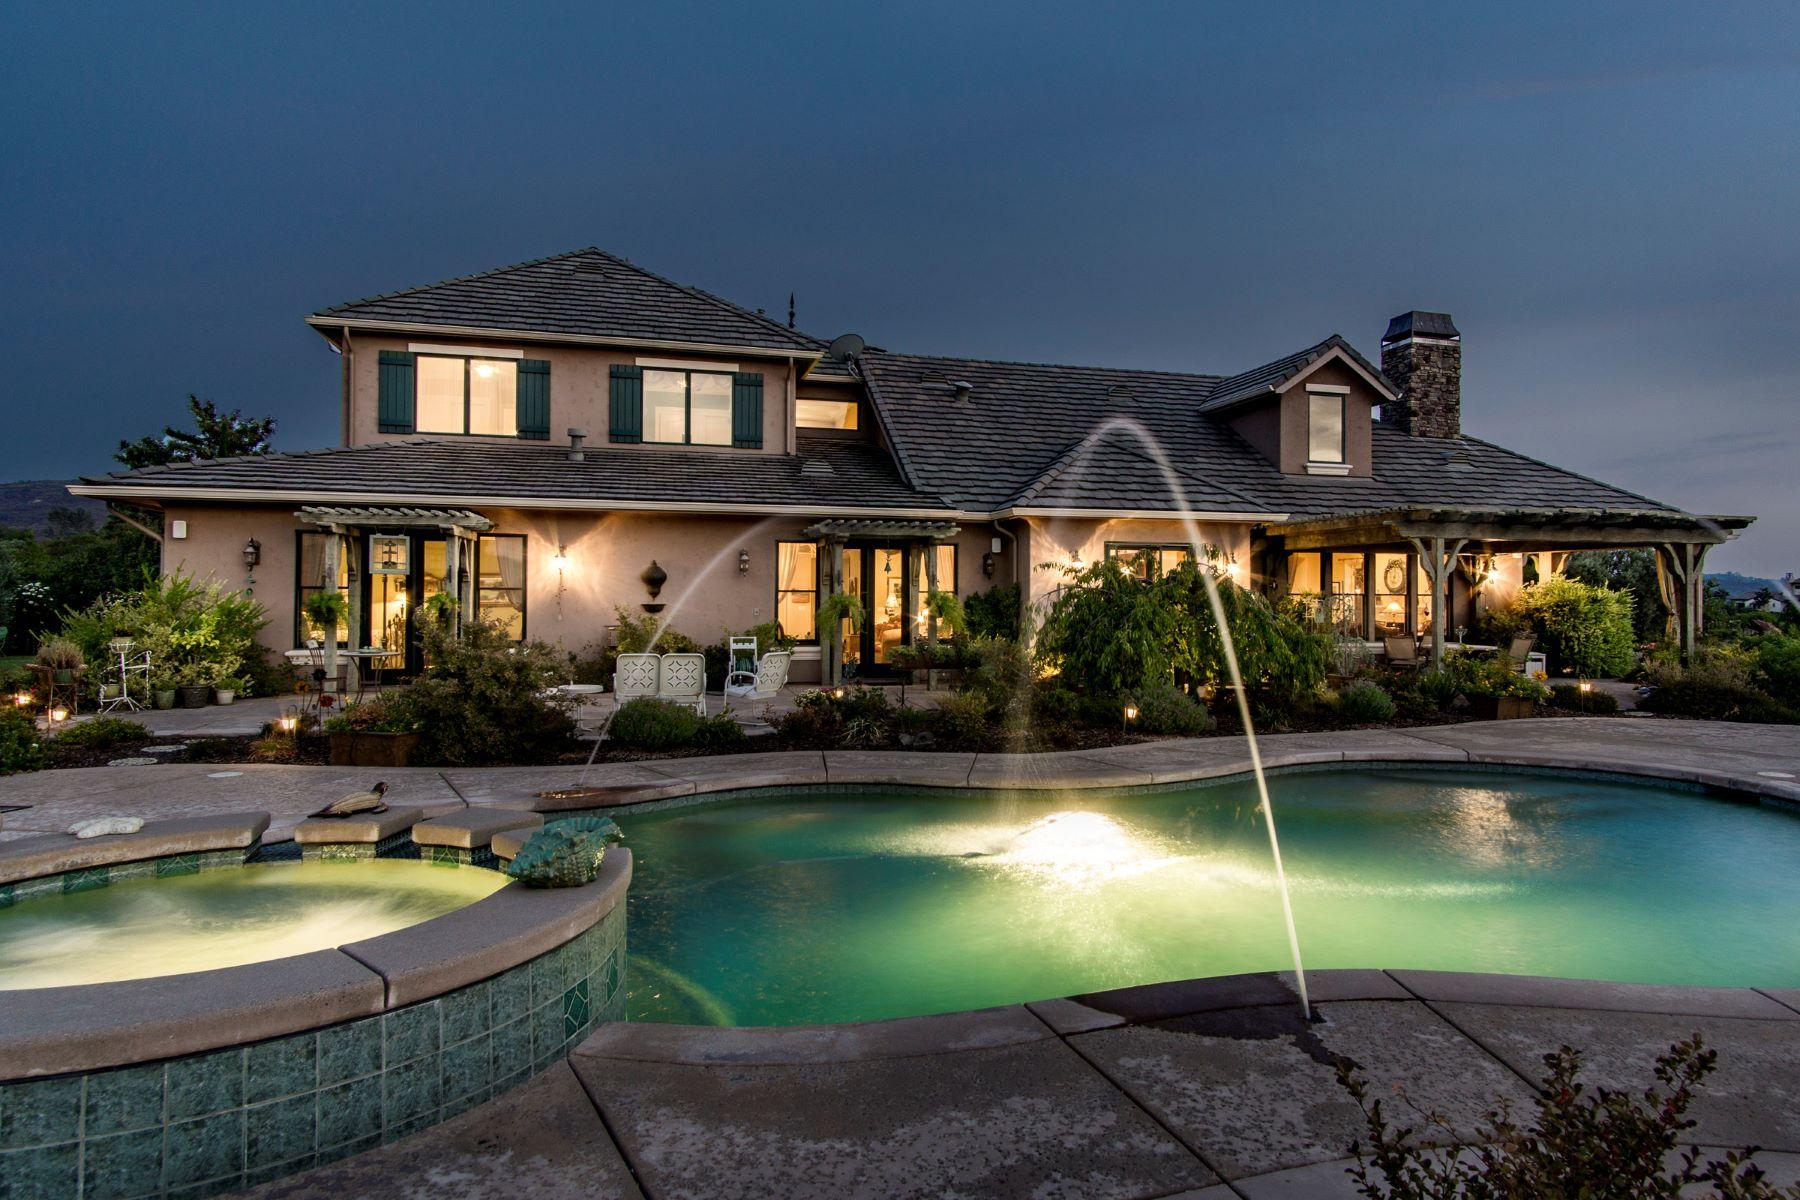 獨棟家庭住宅 為 出售 在 Extraordinary Resort-like Country French Estate with breathtaking lake views 2011 Chateau Montelana Drive El Dorado Hills, 加利福尼亞州 95762 美國